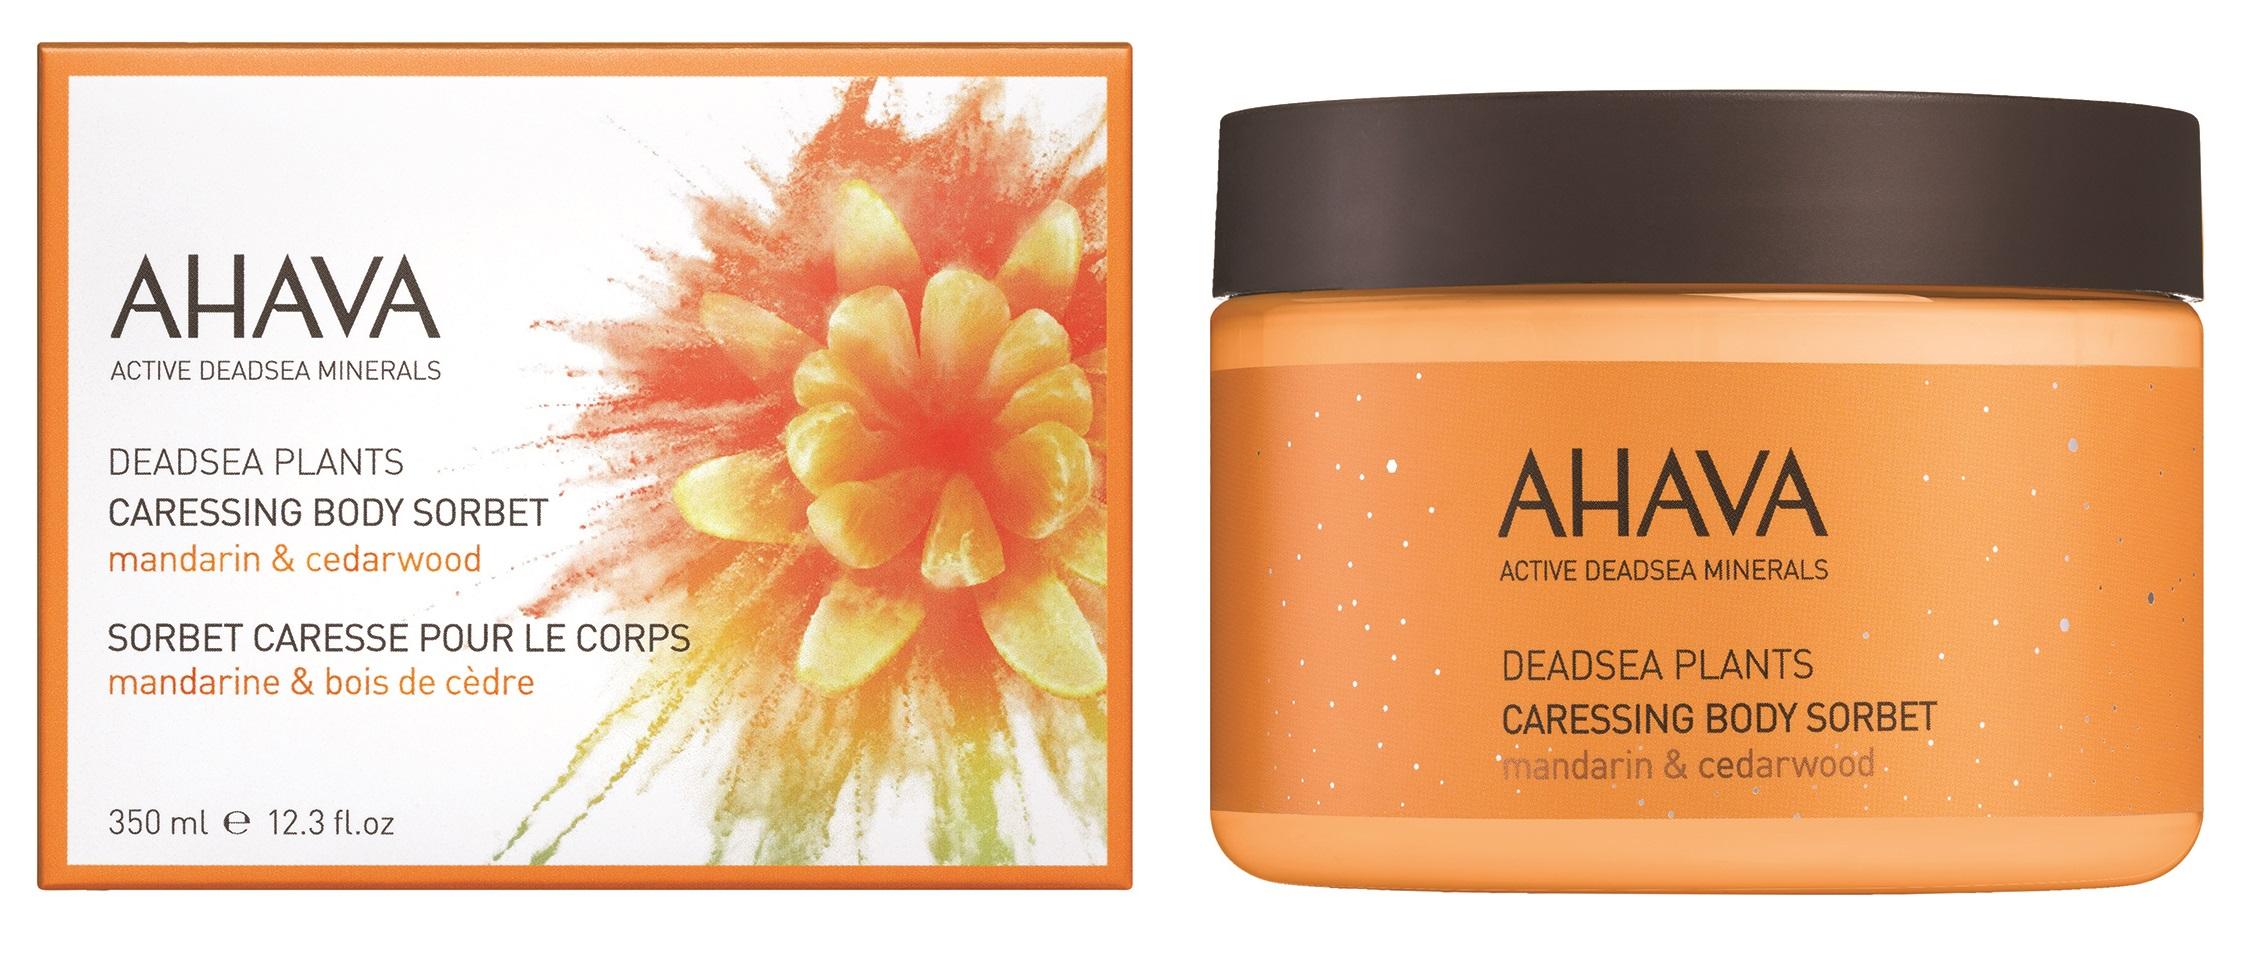 AHAVA Крем нежный для тела, мандарин и кедр / Deadsea Plants 350 мл -  Кремы